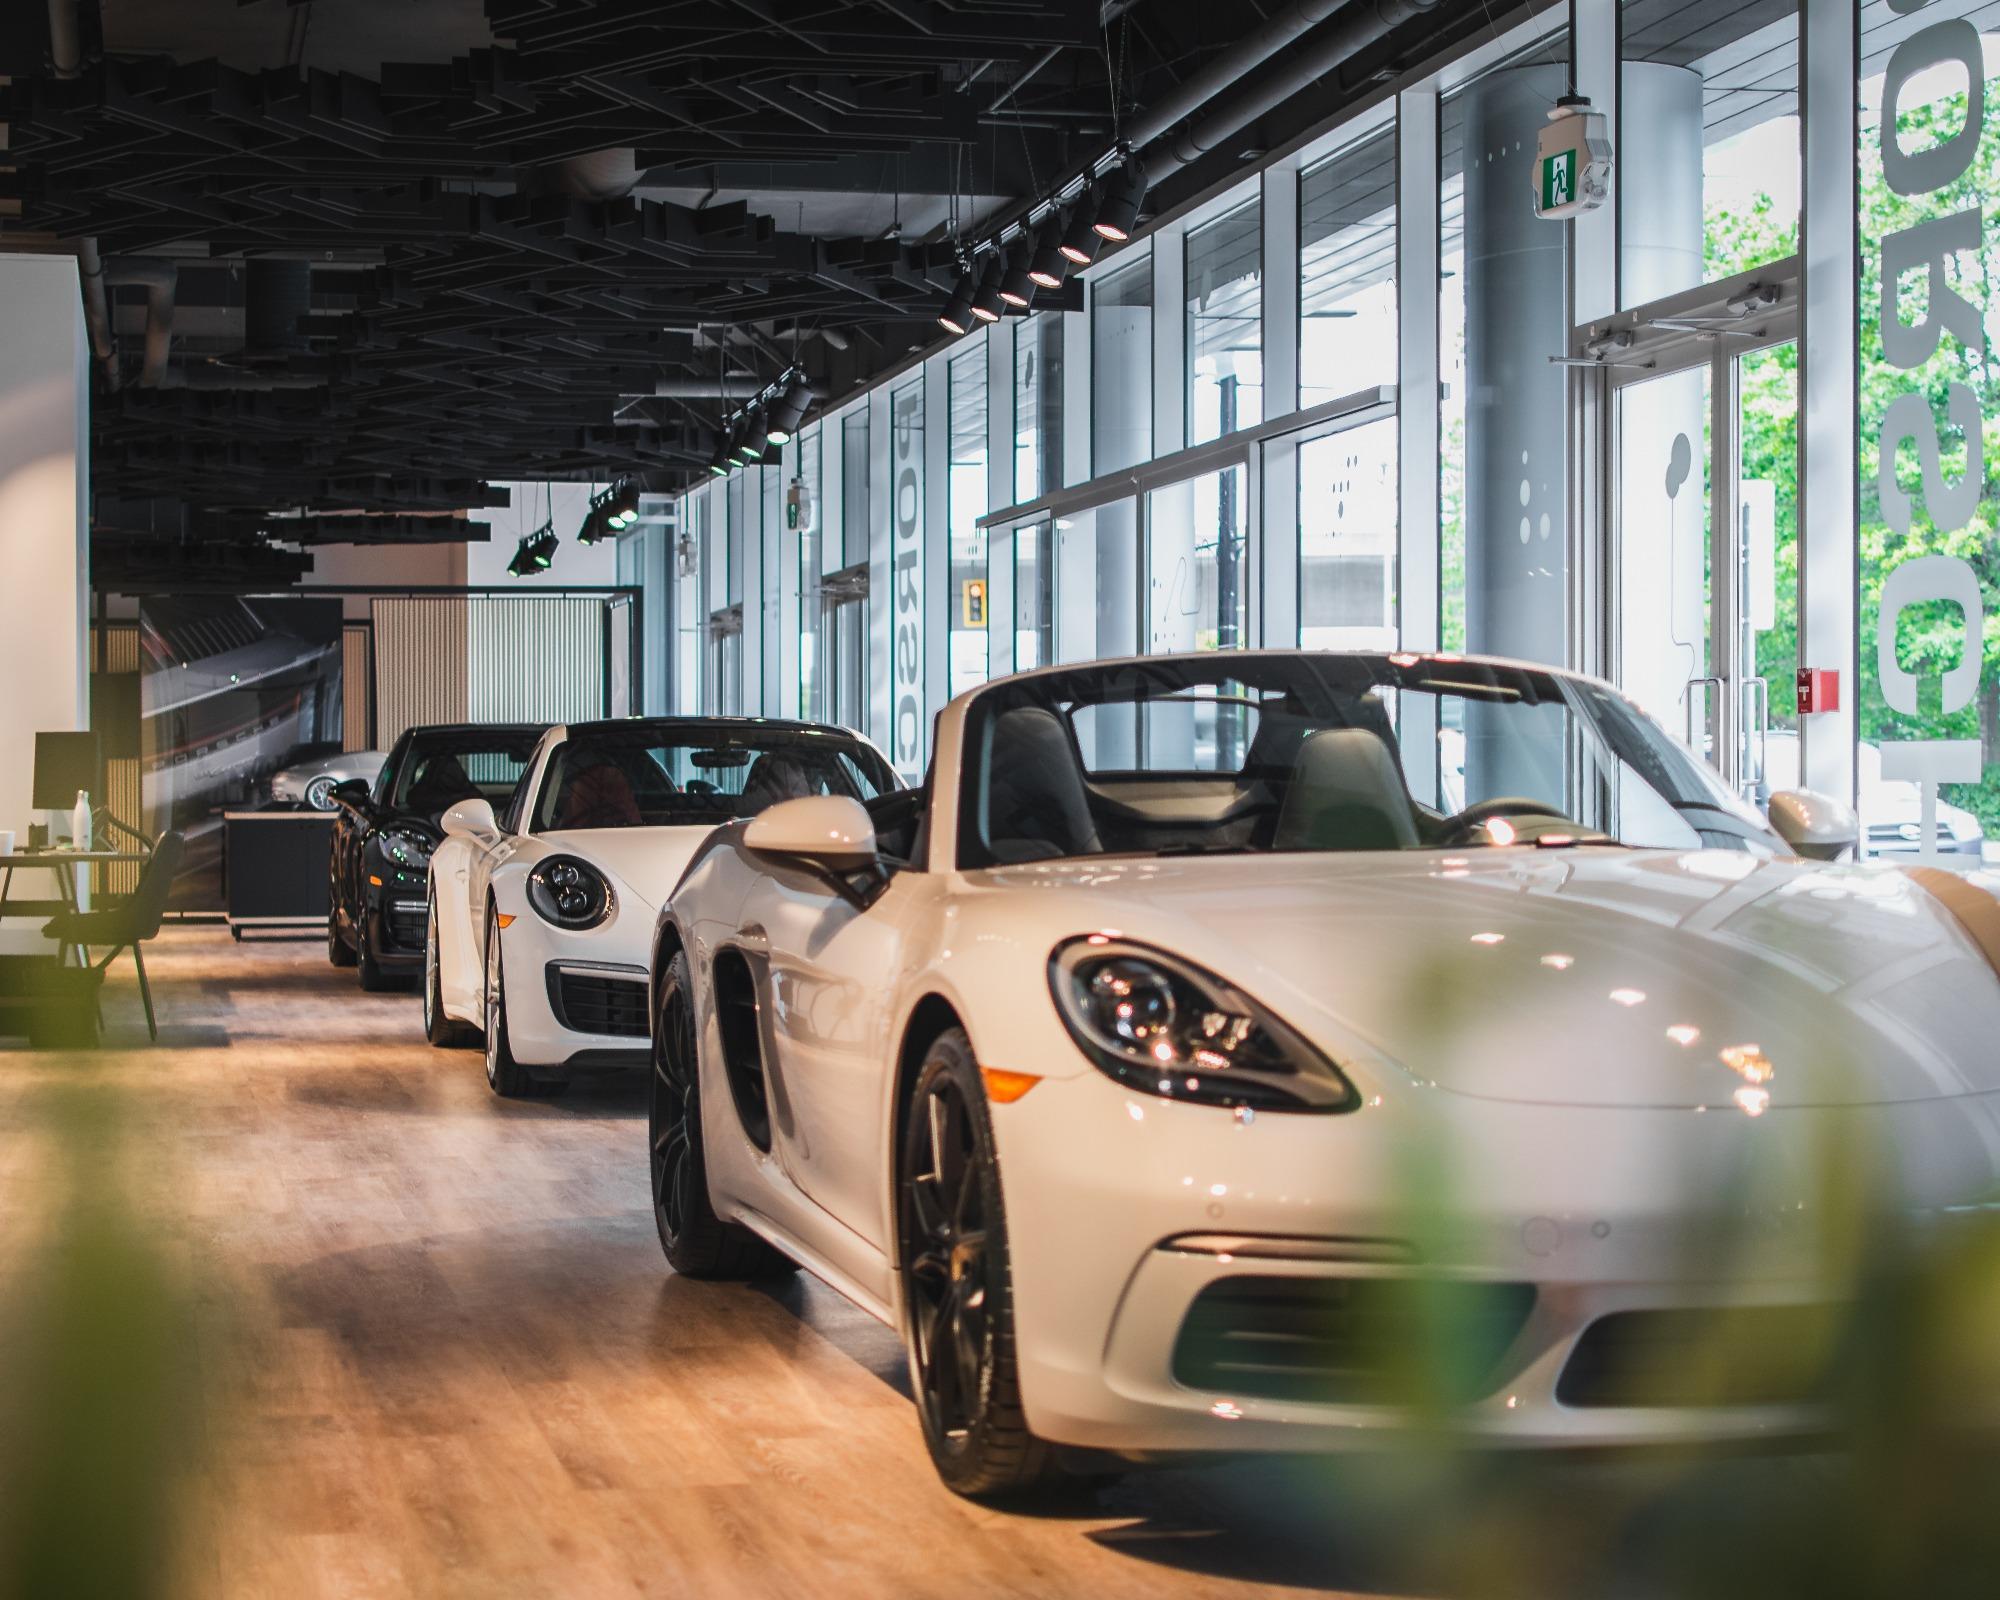 Image courtesy of Porsche Canada.